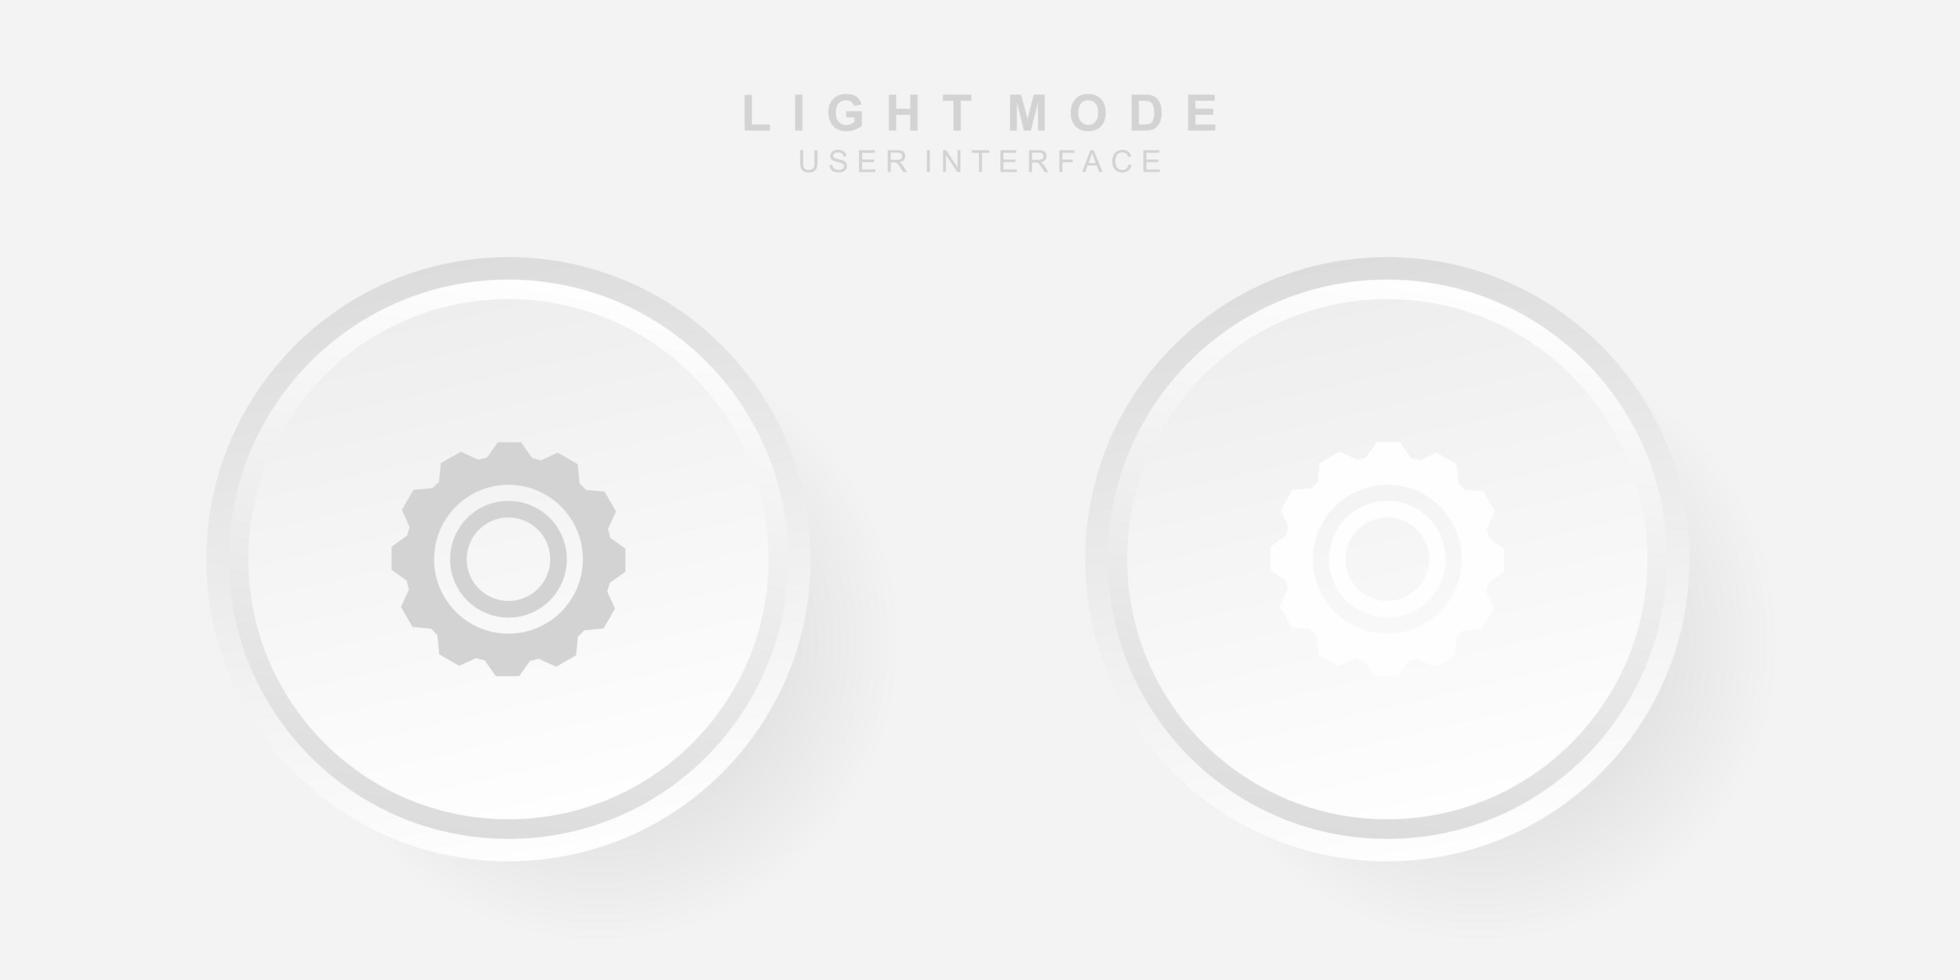 interfaz de usuario de configuración creativa simple en el diseño de neumorfismo. sencillo, moderno y minimalista. vector